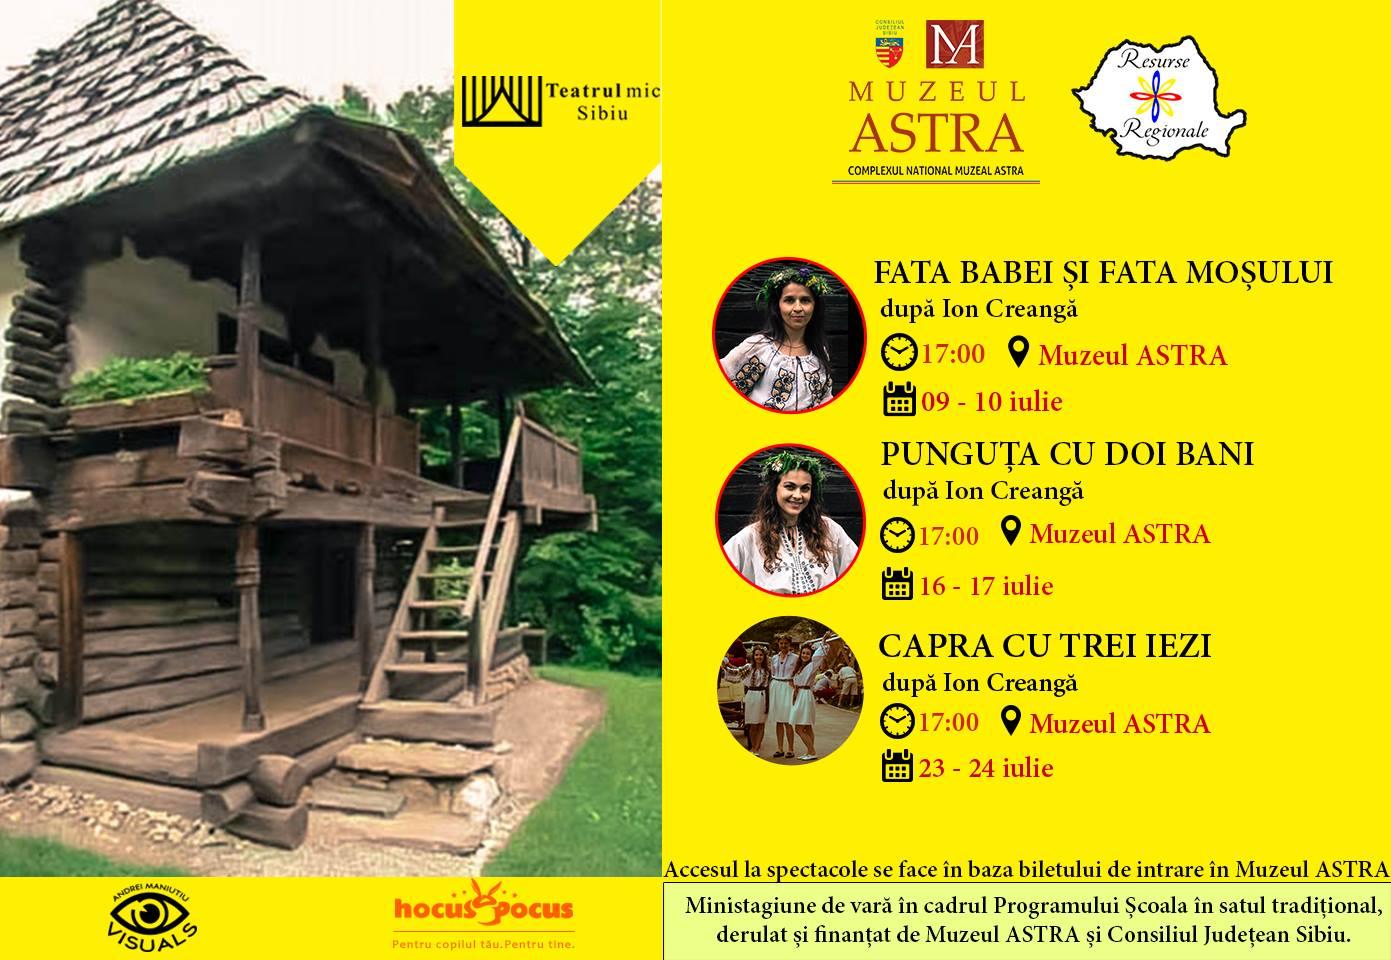 Teatru interactiv în straie româneşti